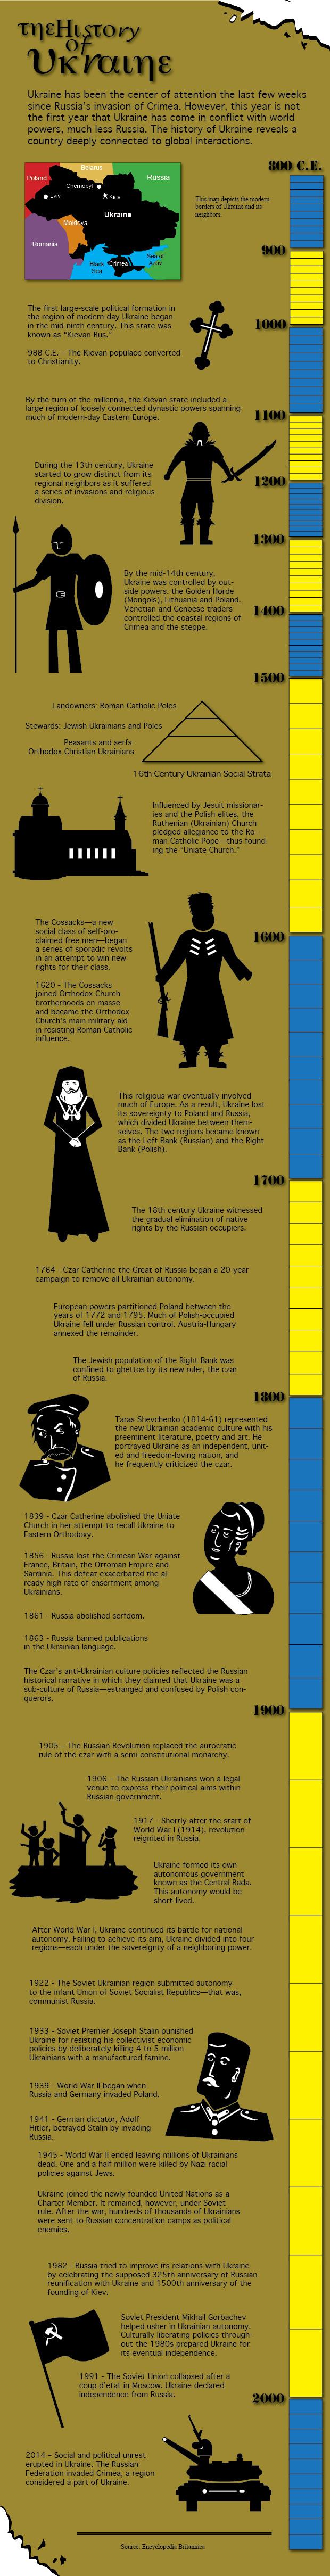 140414_Ukraine_infographic1